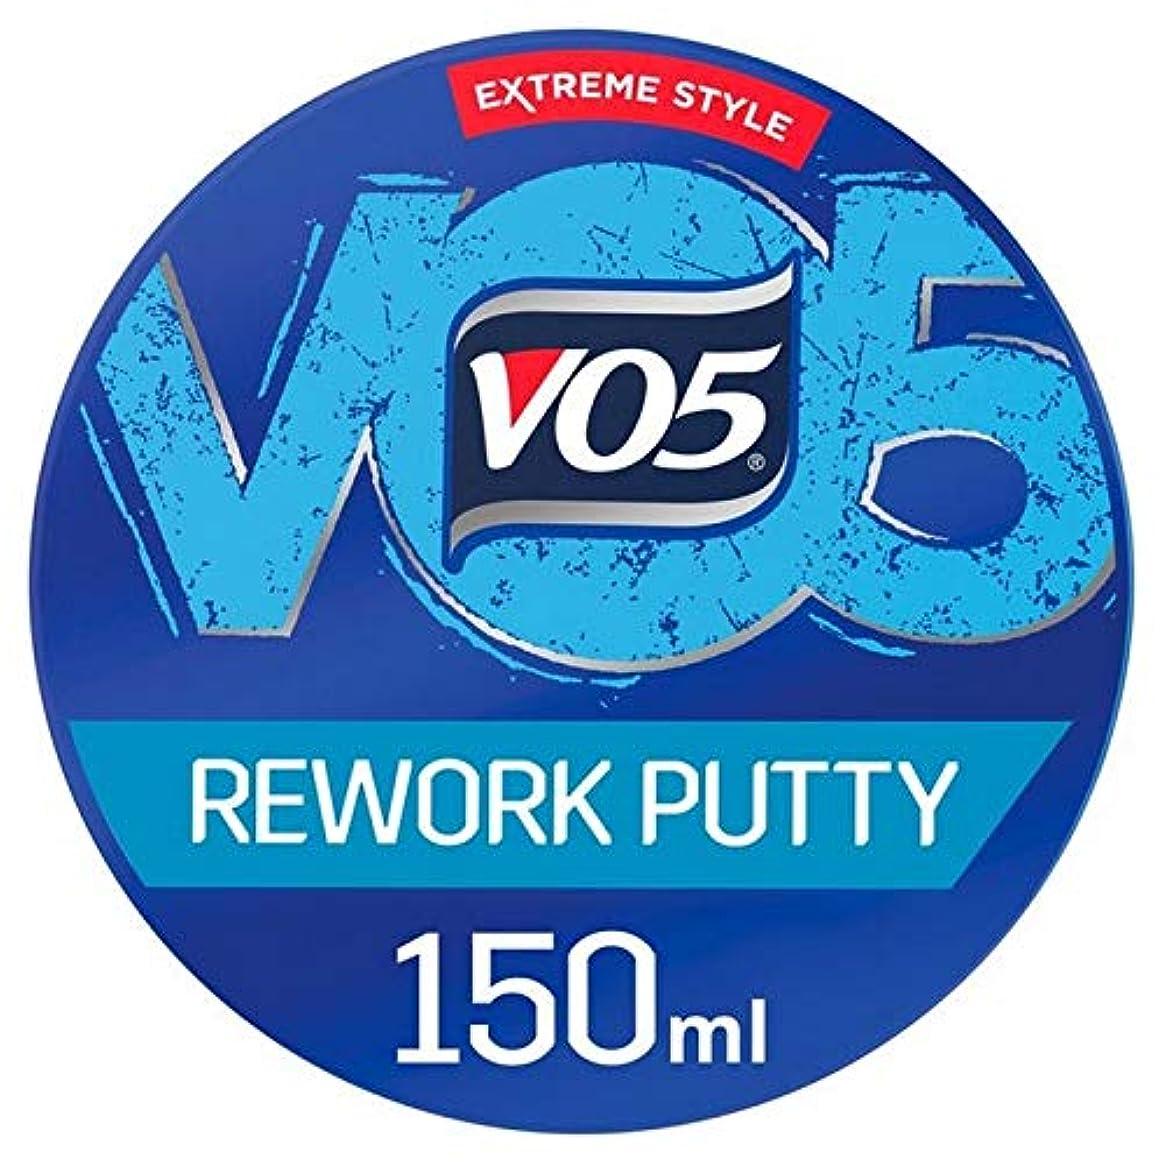 スタックあいまいな被害者[VO5] Vo5極端なスタイルリワークパテ150ミリリットル - VO5 Extreme Style Rework Putty 150ml [並行輸入品]